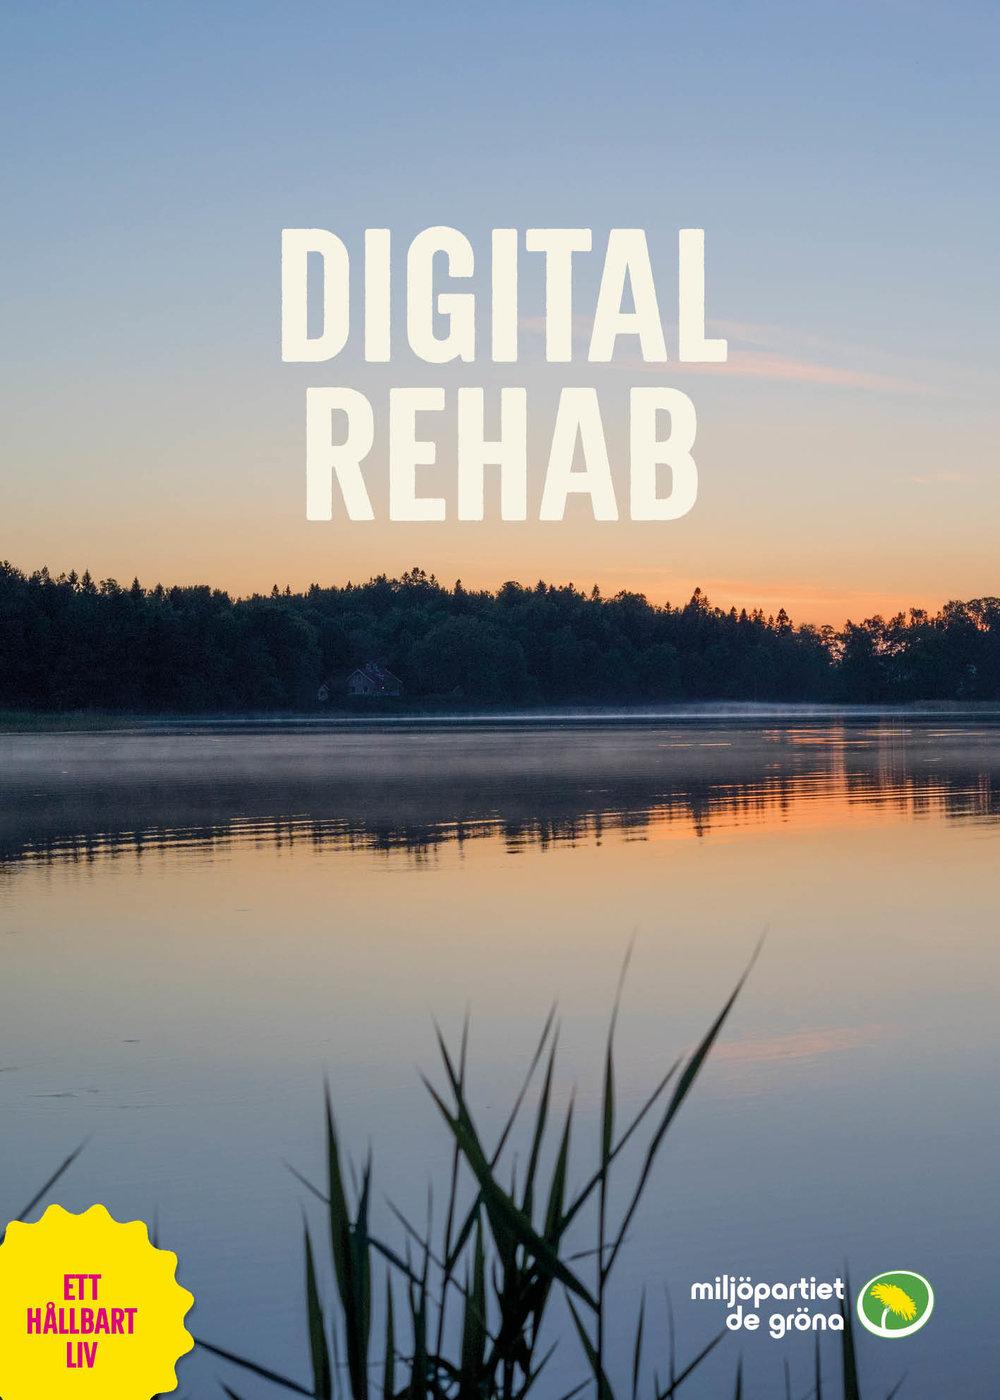 Digital Rehab_Print_KR4.jpg